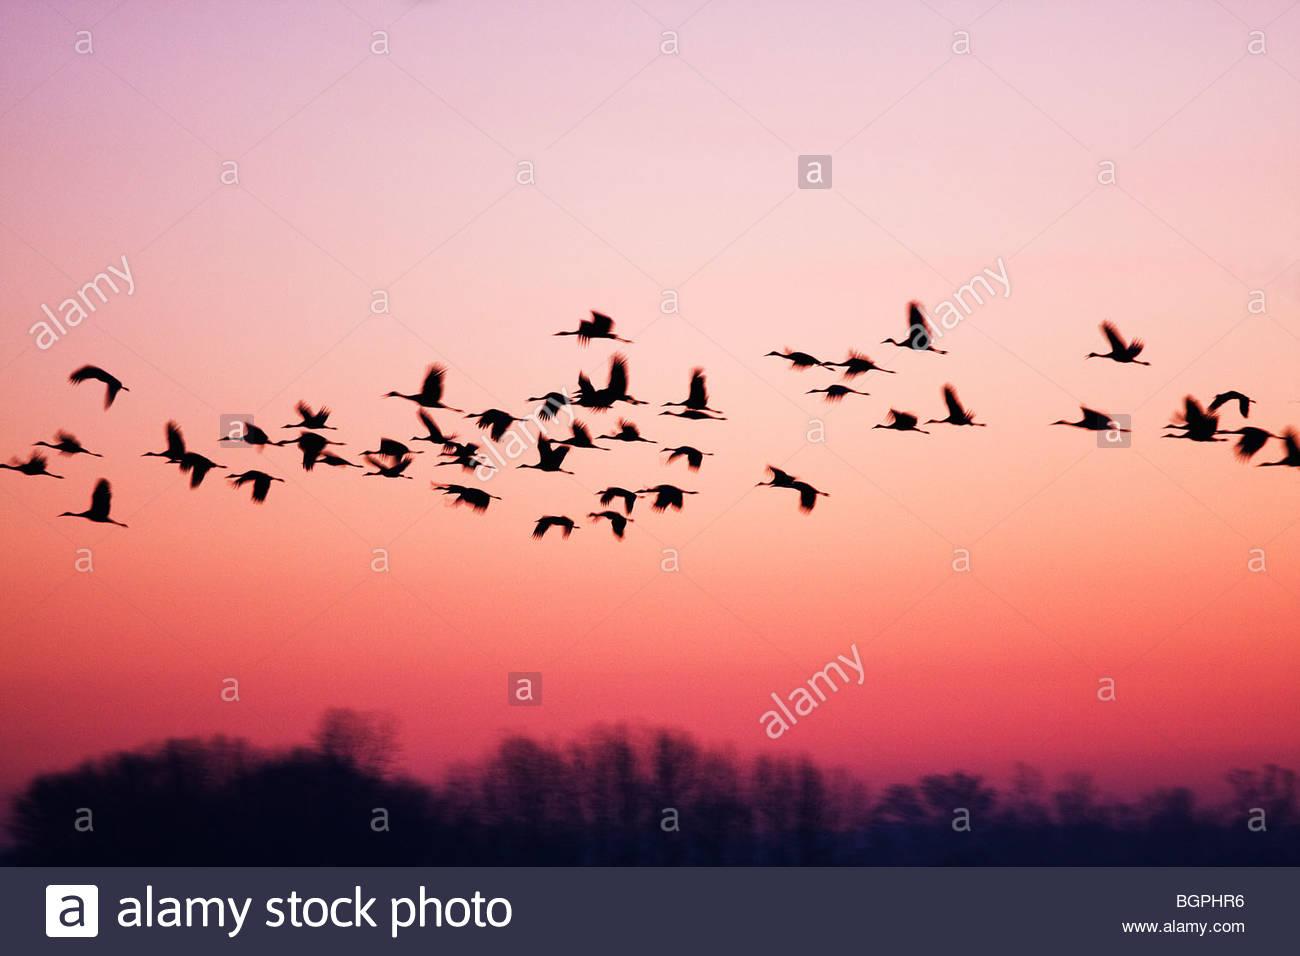 Sandhill Cranes in flight before sunrise - Stock Image